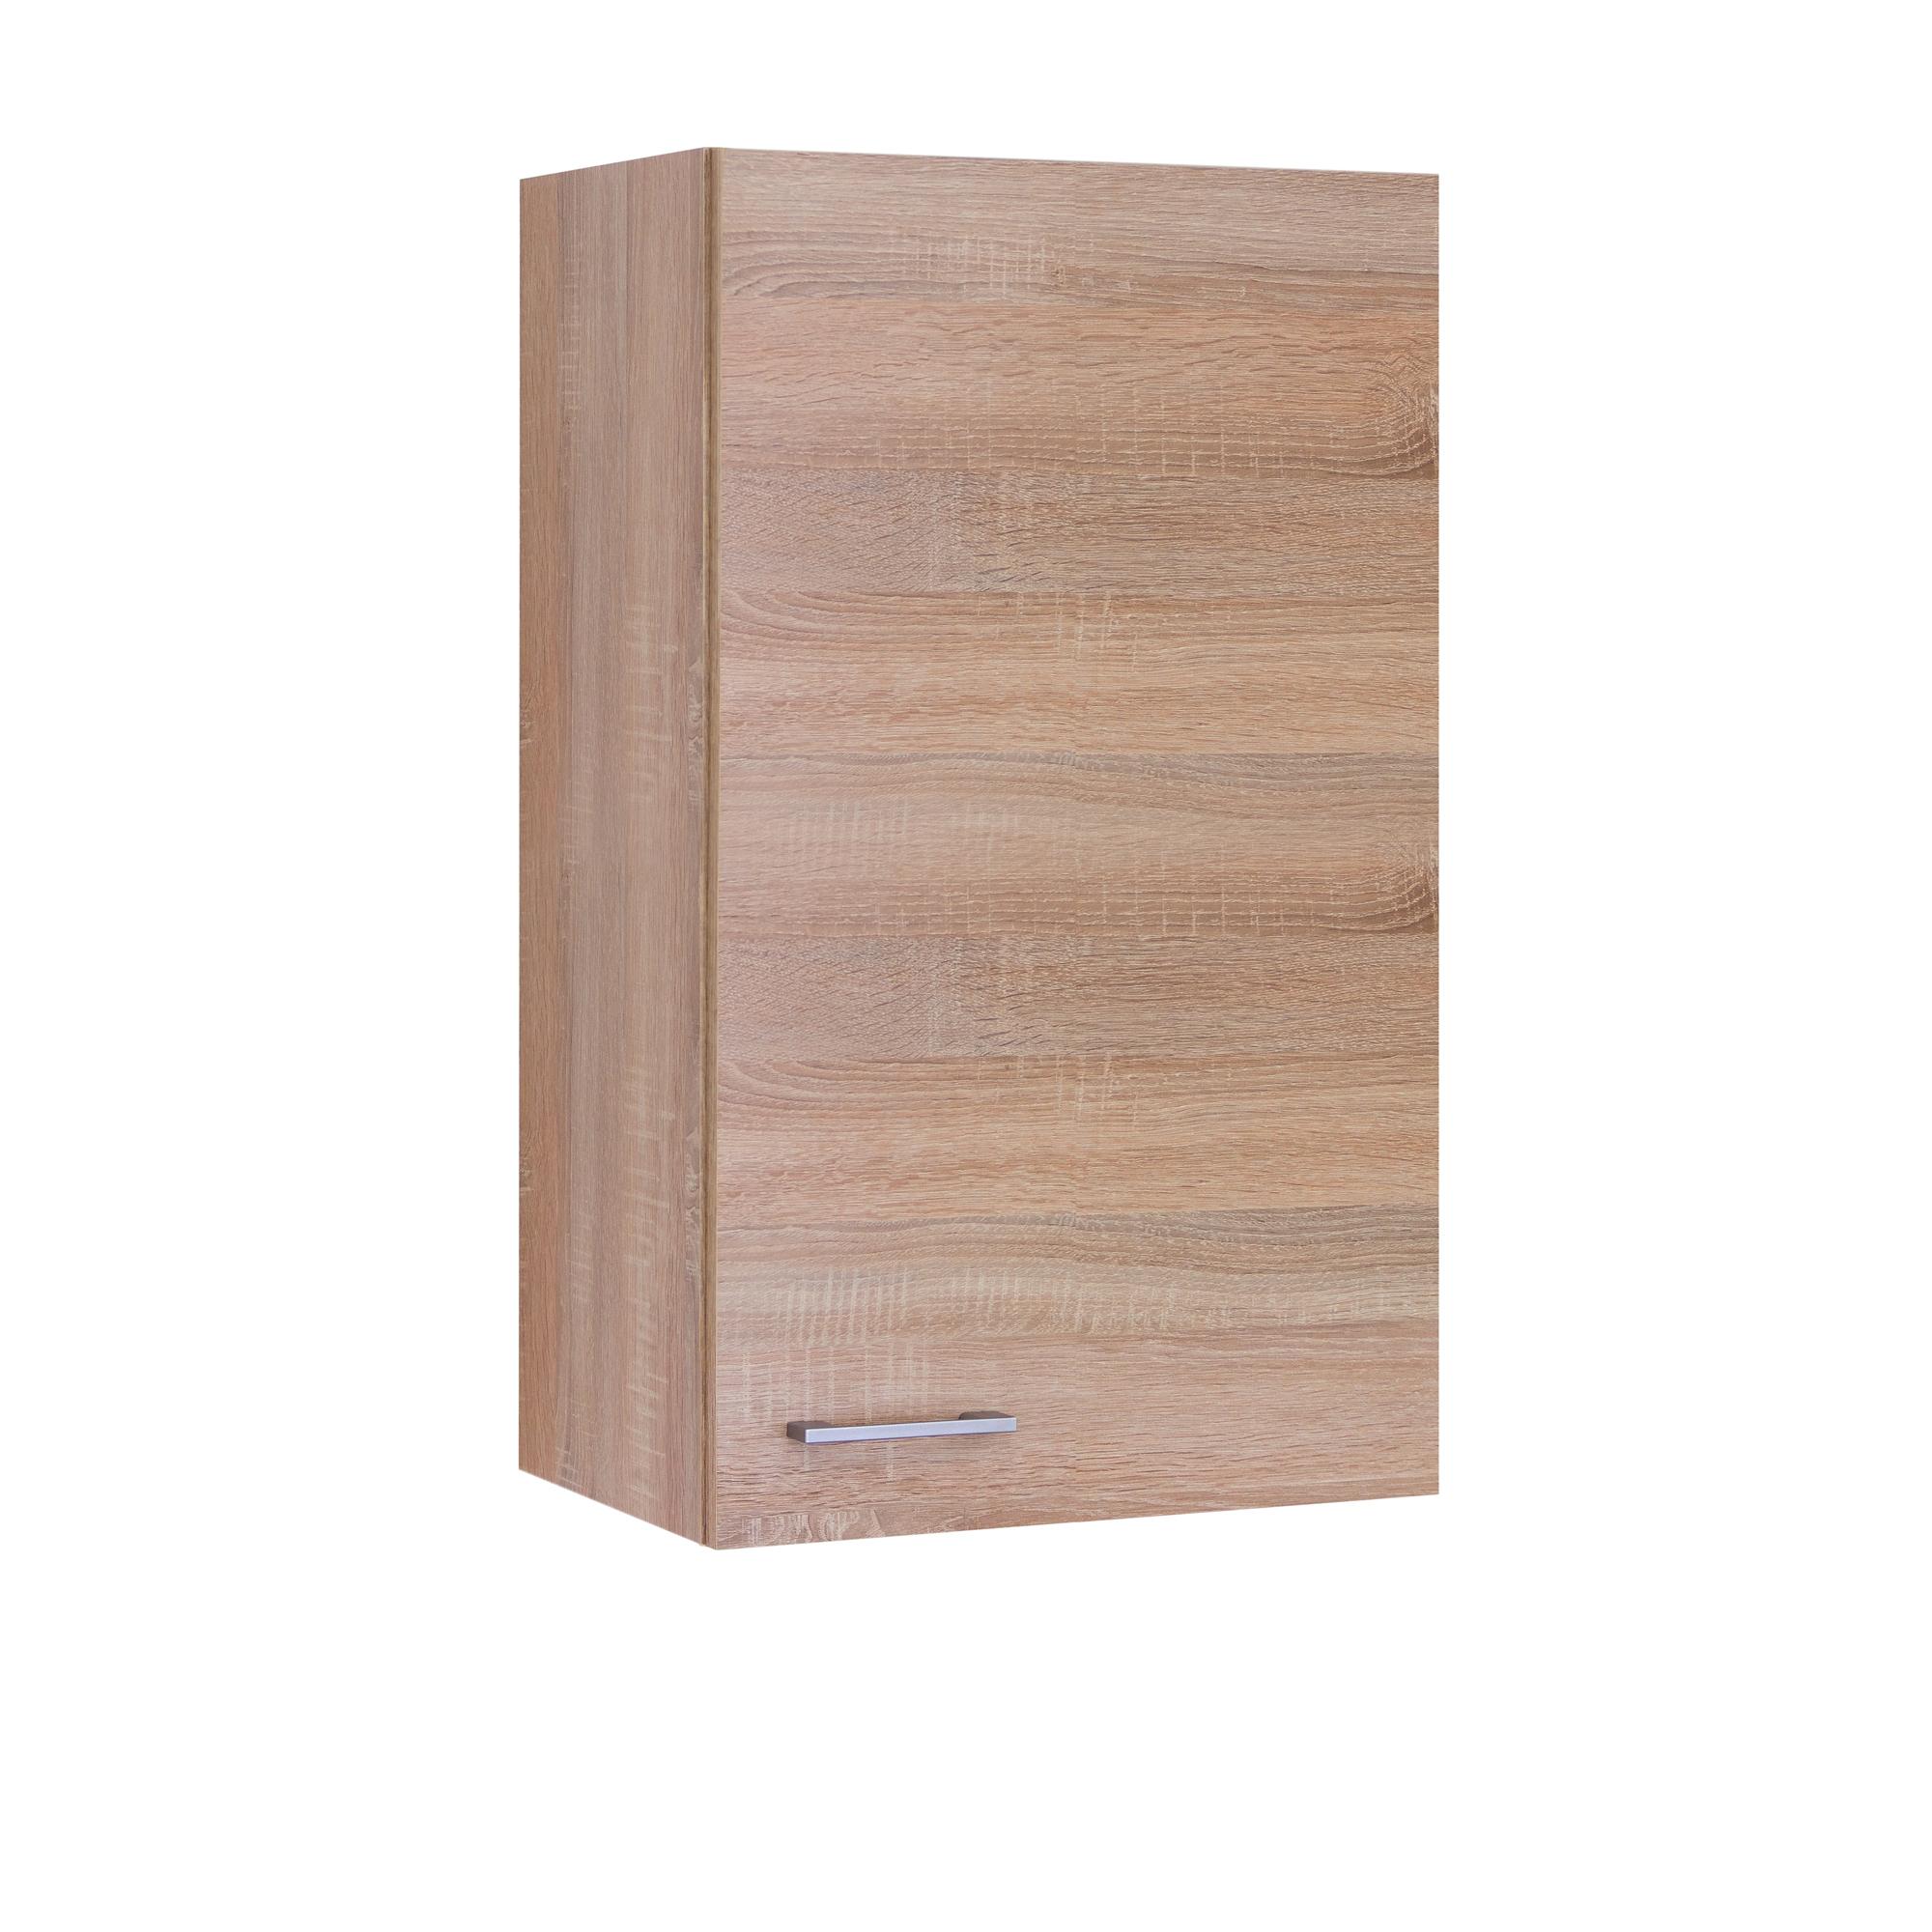 k chen h ngeschrank rom 1 t rig 50 cm breit 89 cm hoch eiche sonoma k che k chen. Black Bedroom Furniture Sets. Home Design Ideas